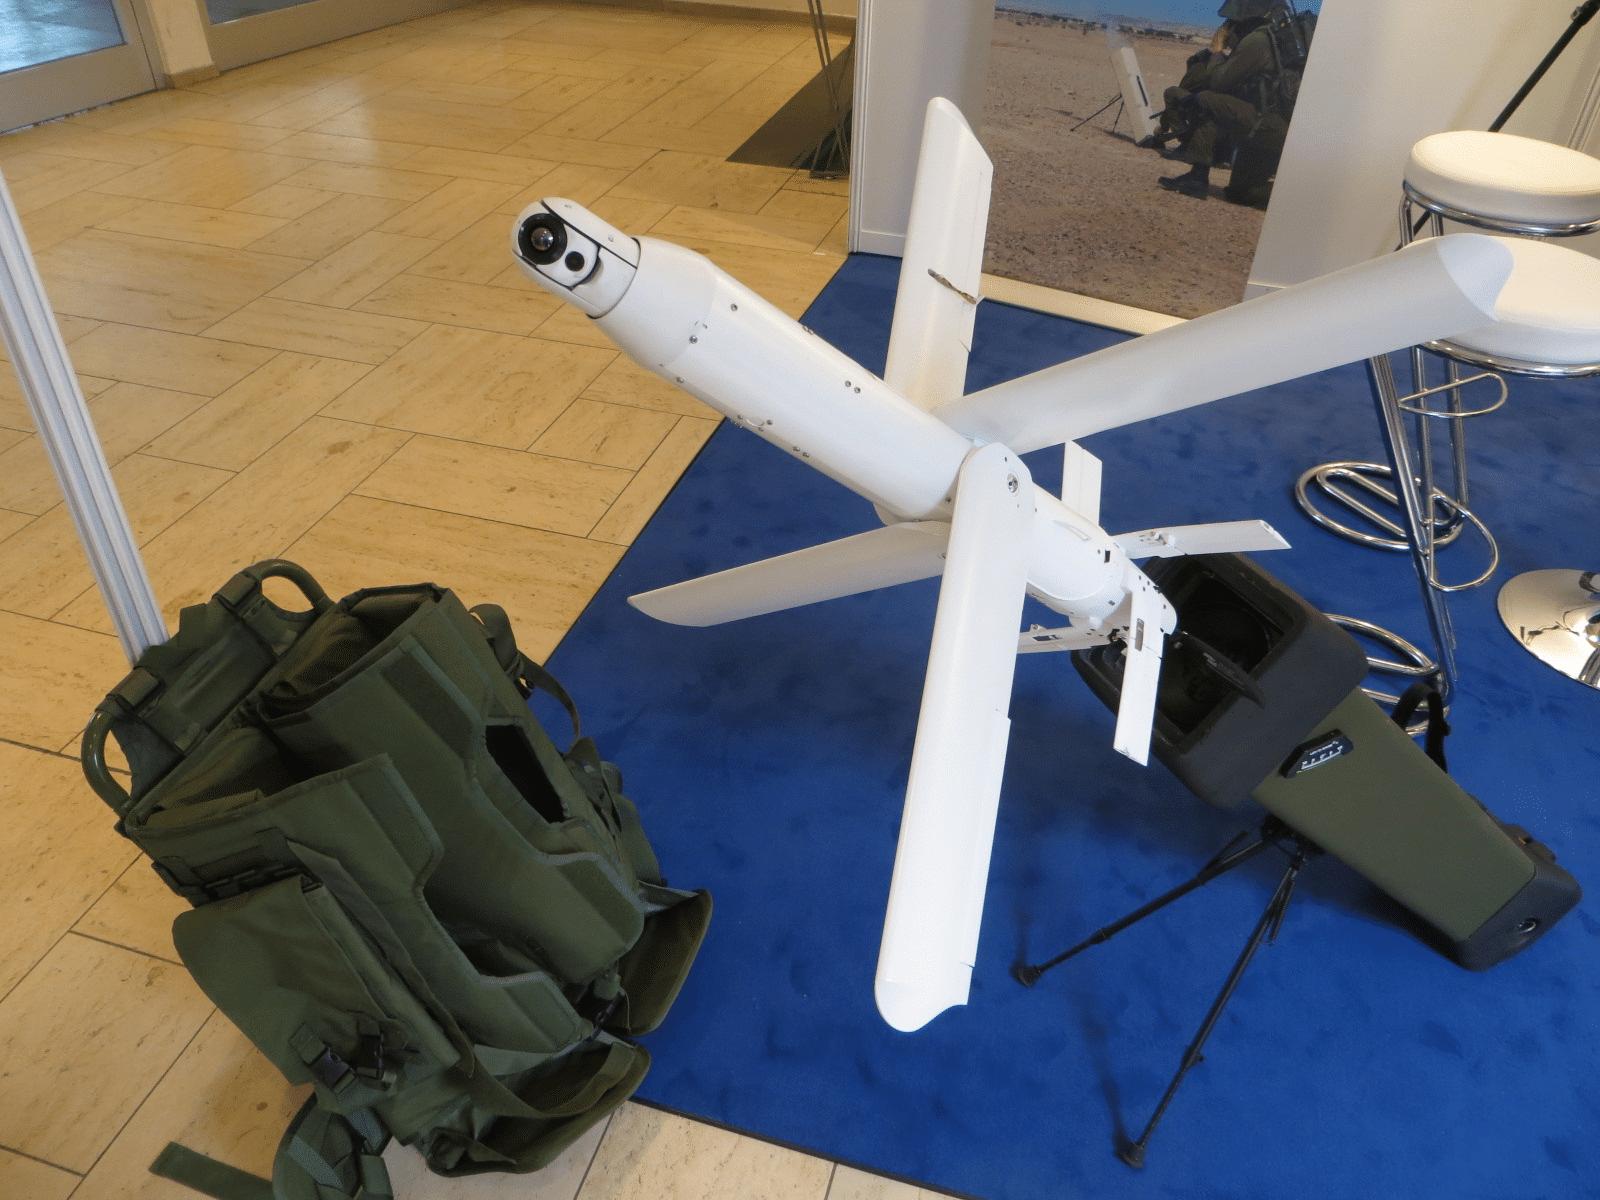 """Die israelische Firma UVision Air Ltd. präsentiert auf dem Forum """"Unmanned Vehicles 6"""" in Bonn-Bad Godesberg das """"Short-Range Lethal Loitering System"""" Hero-30: Der Flugkörper kann von einer Person im Rucksack transportiert werden, bleibt nach dem Start bis zu 30 Minuten in der Luft, um sich bei Bedarf mit seinem 0,5-kg-Sprengkopf auf ein Ziel zu stürzen."""